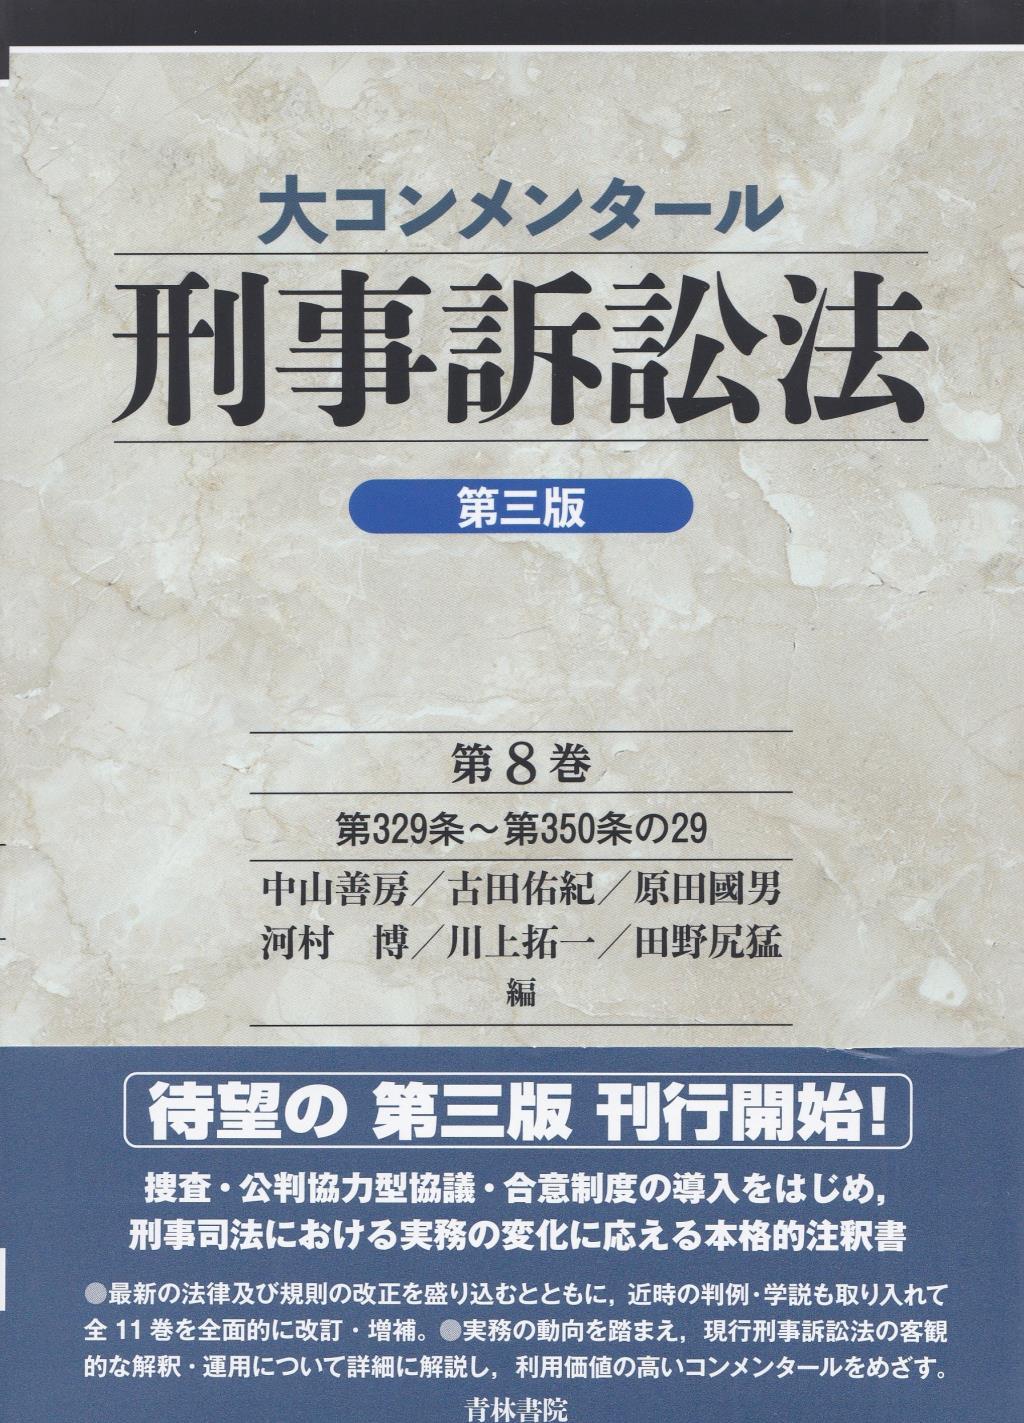 大コンメンタール刑事訴訟法 第8巻〔第三版〕